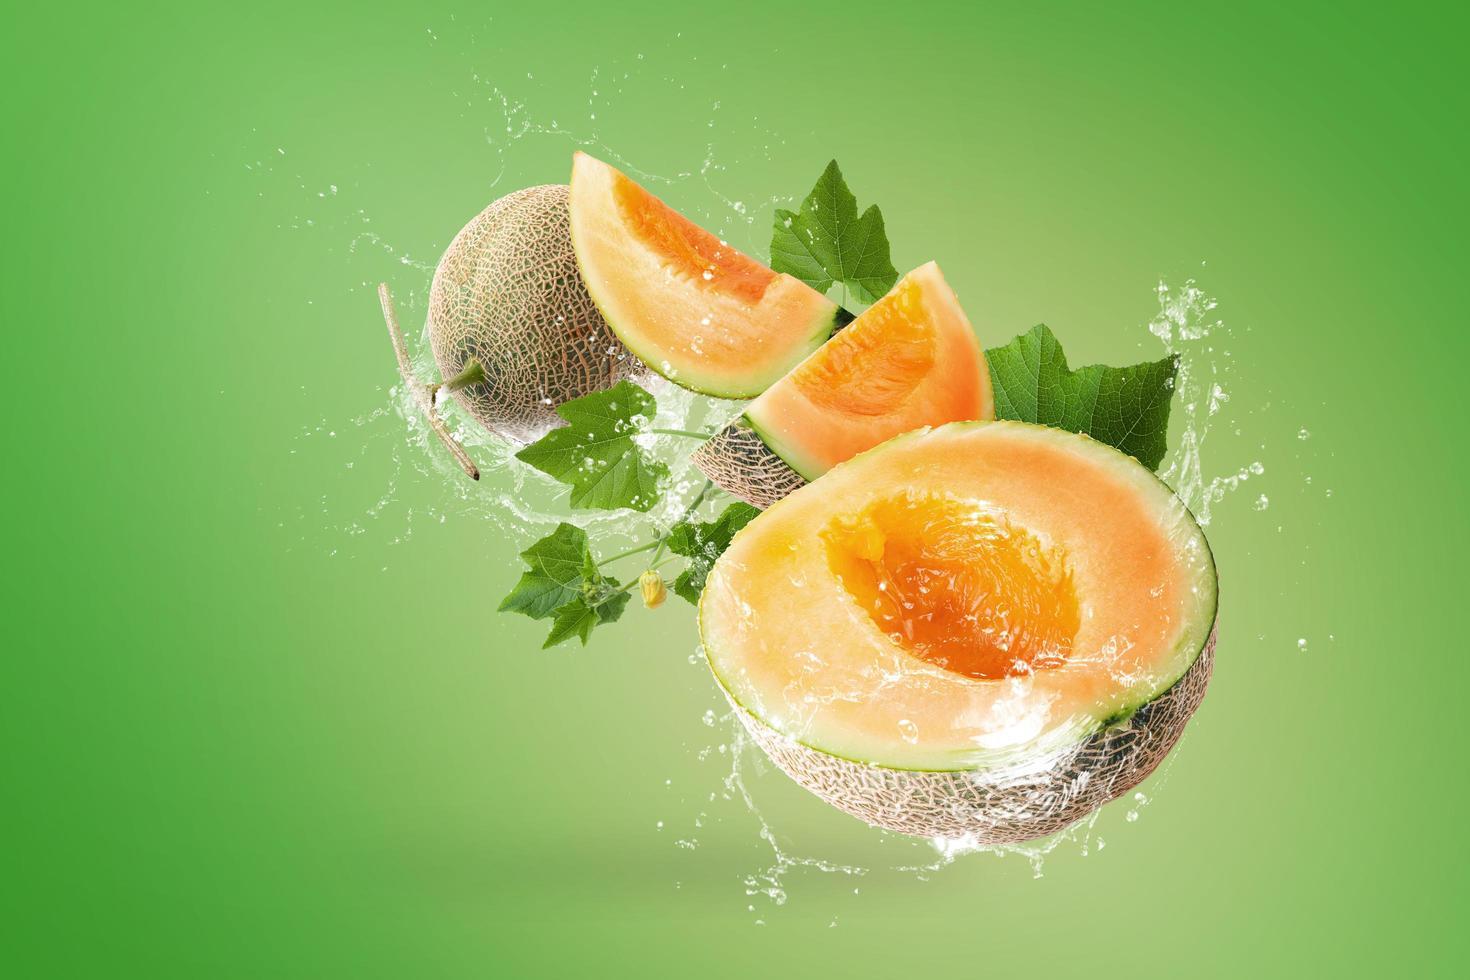 Water splashing on Japanese melons photo